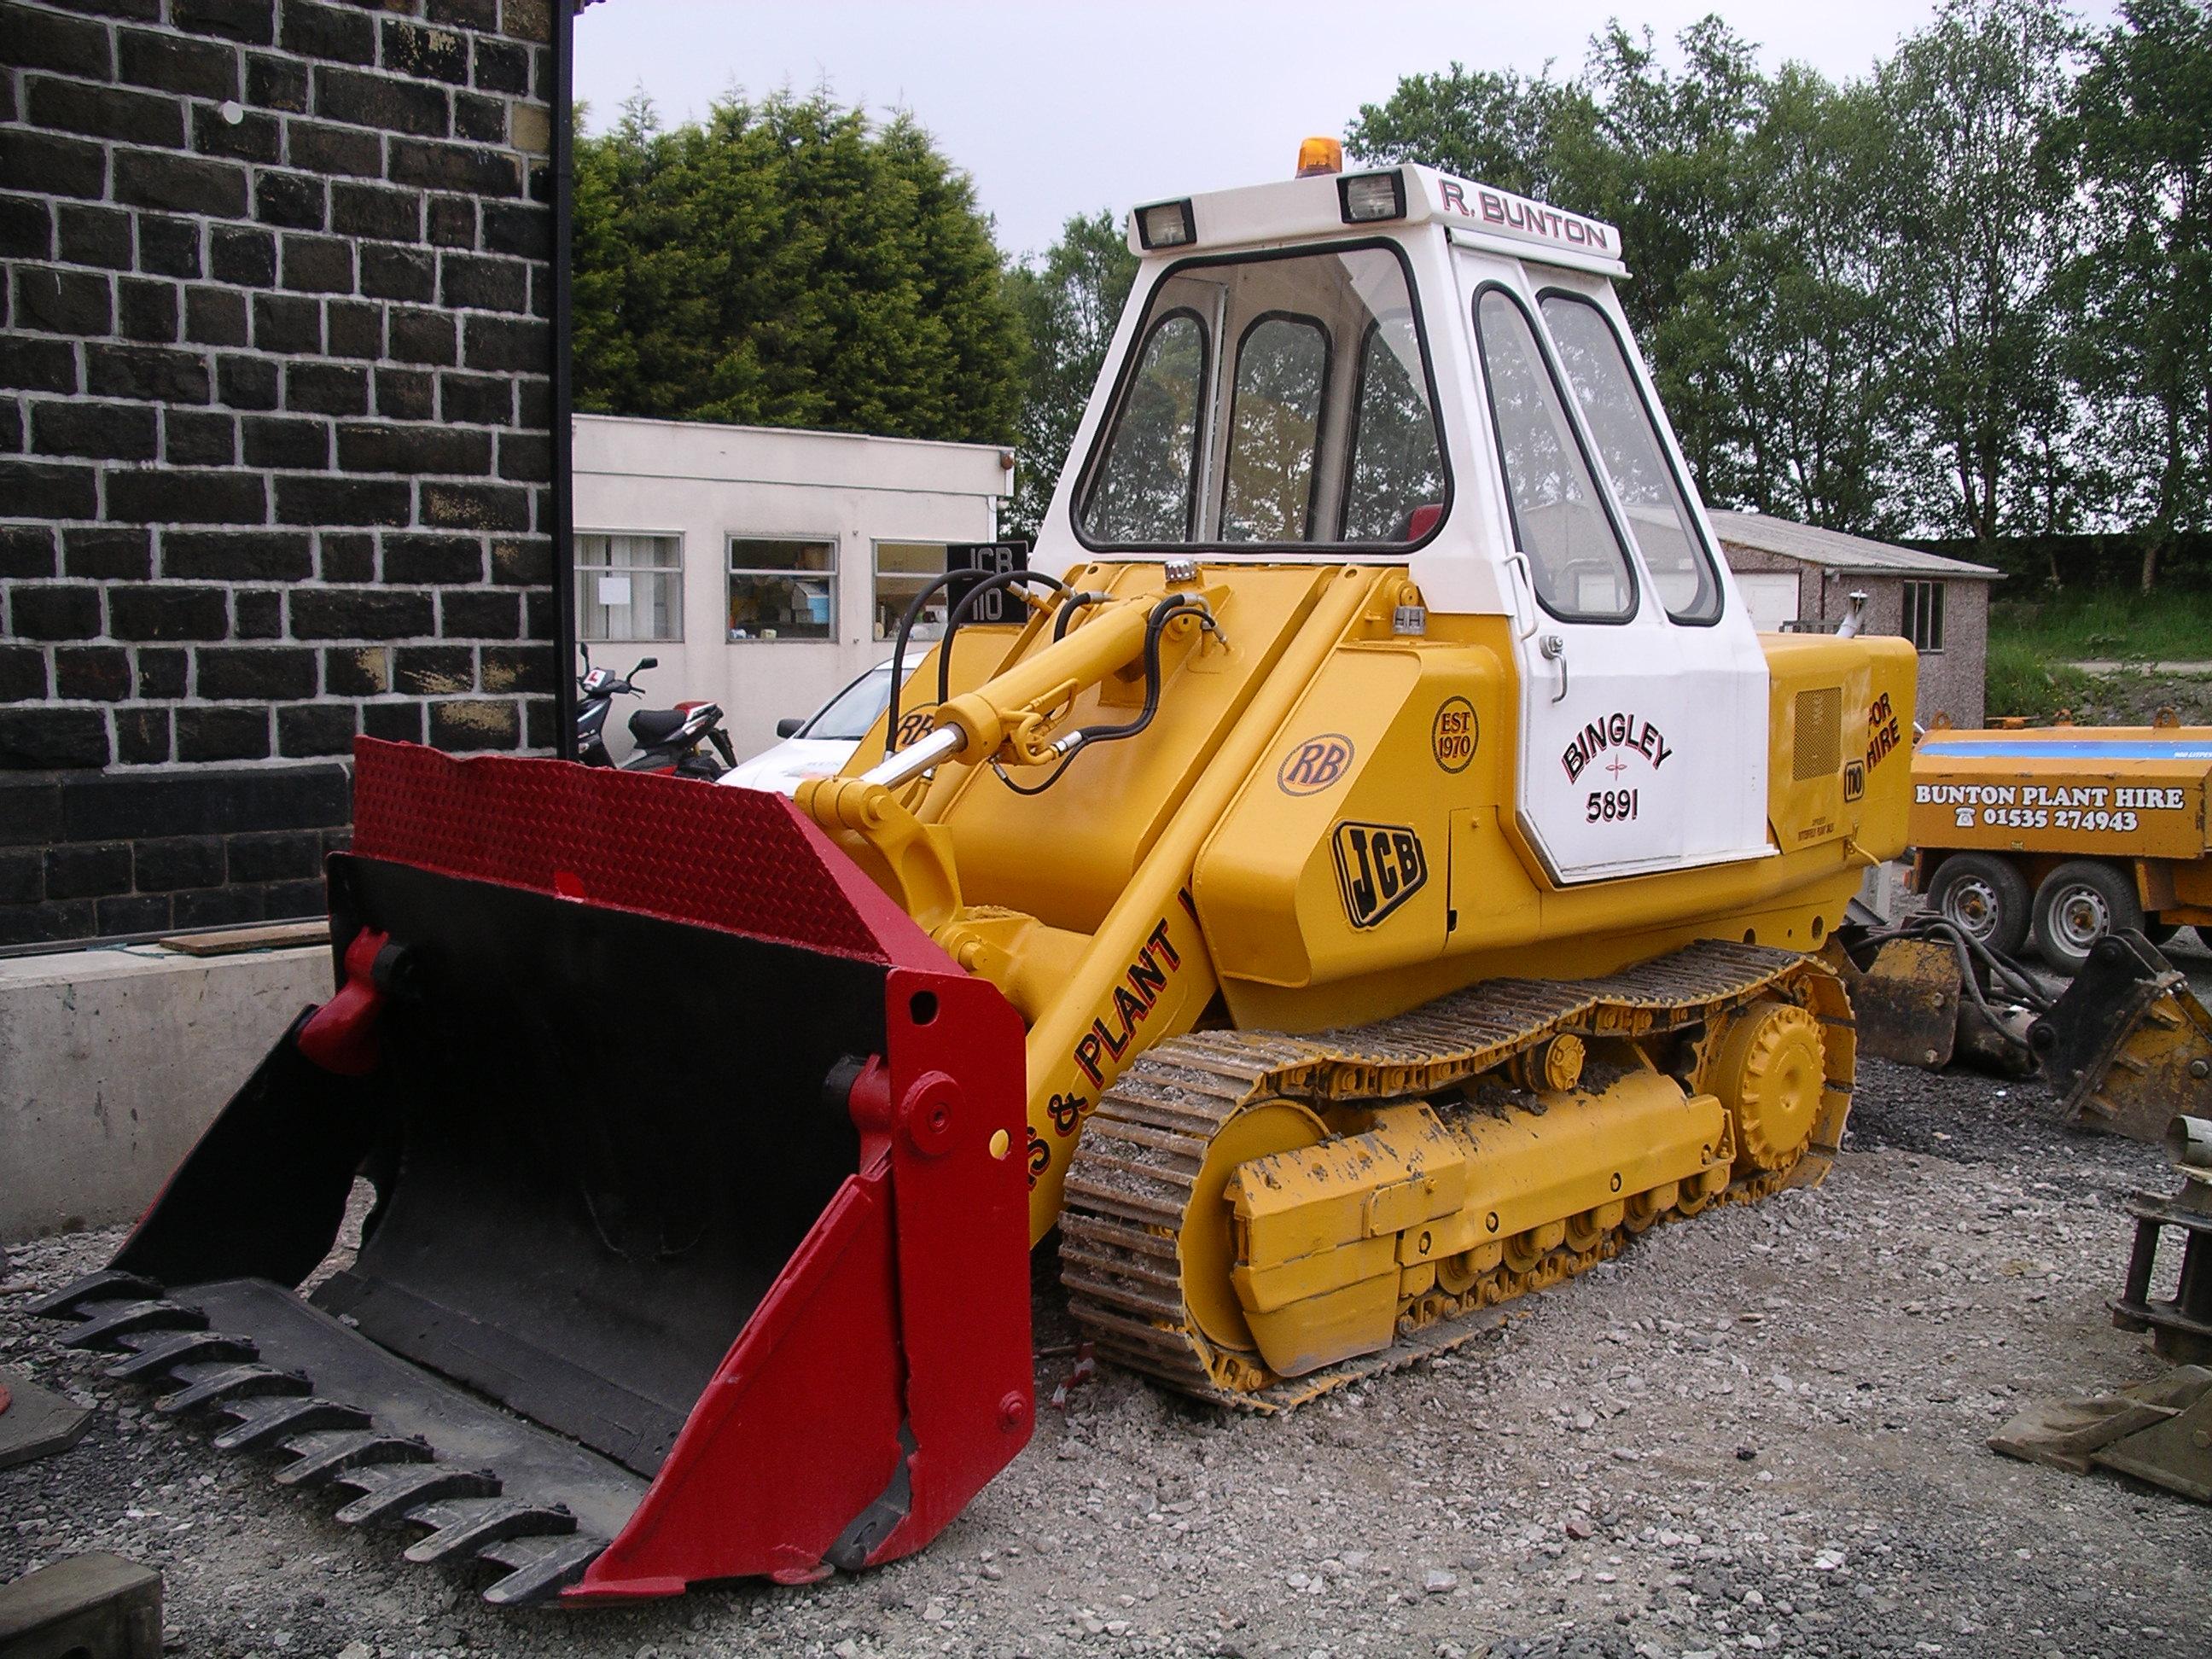 jcb macchine industriali - Pagina 3 Ghm-pictures-018